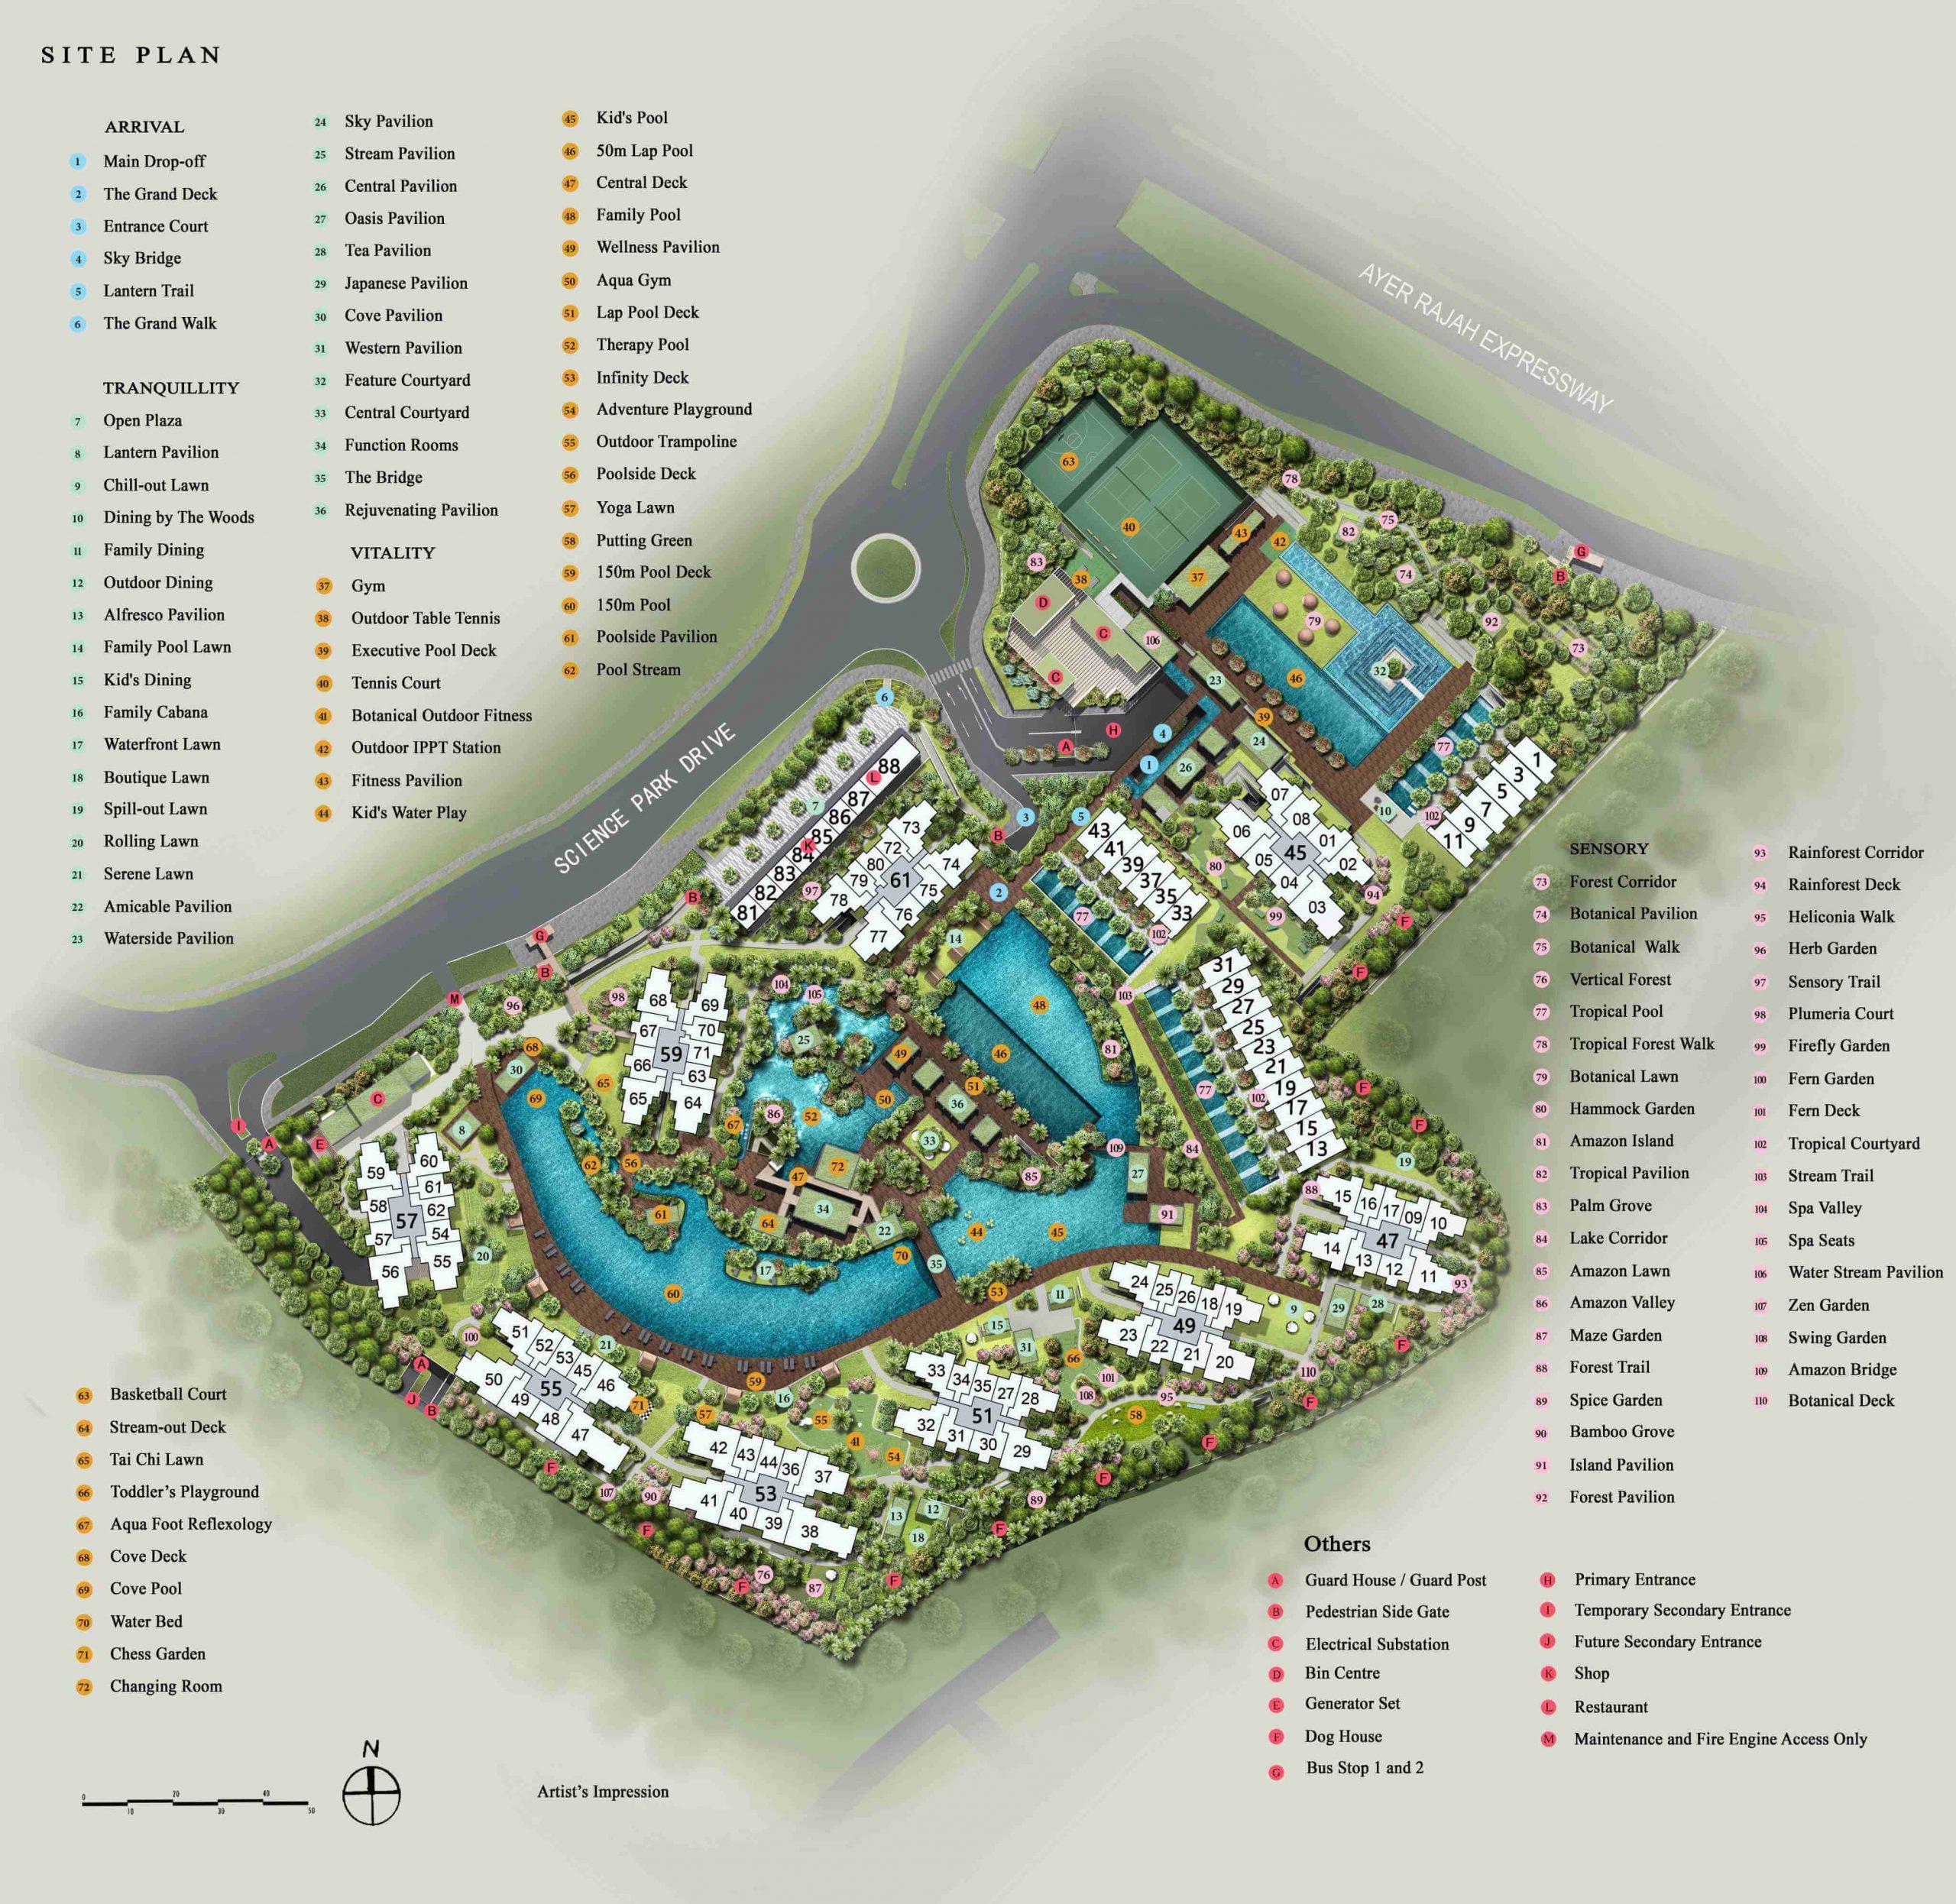 Normanton Park - Site Plan with legend